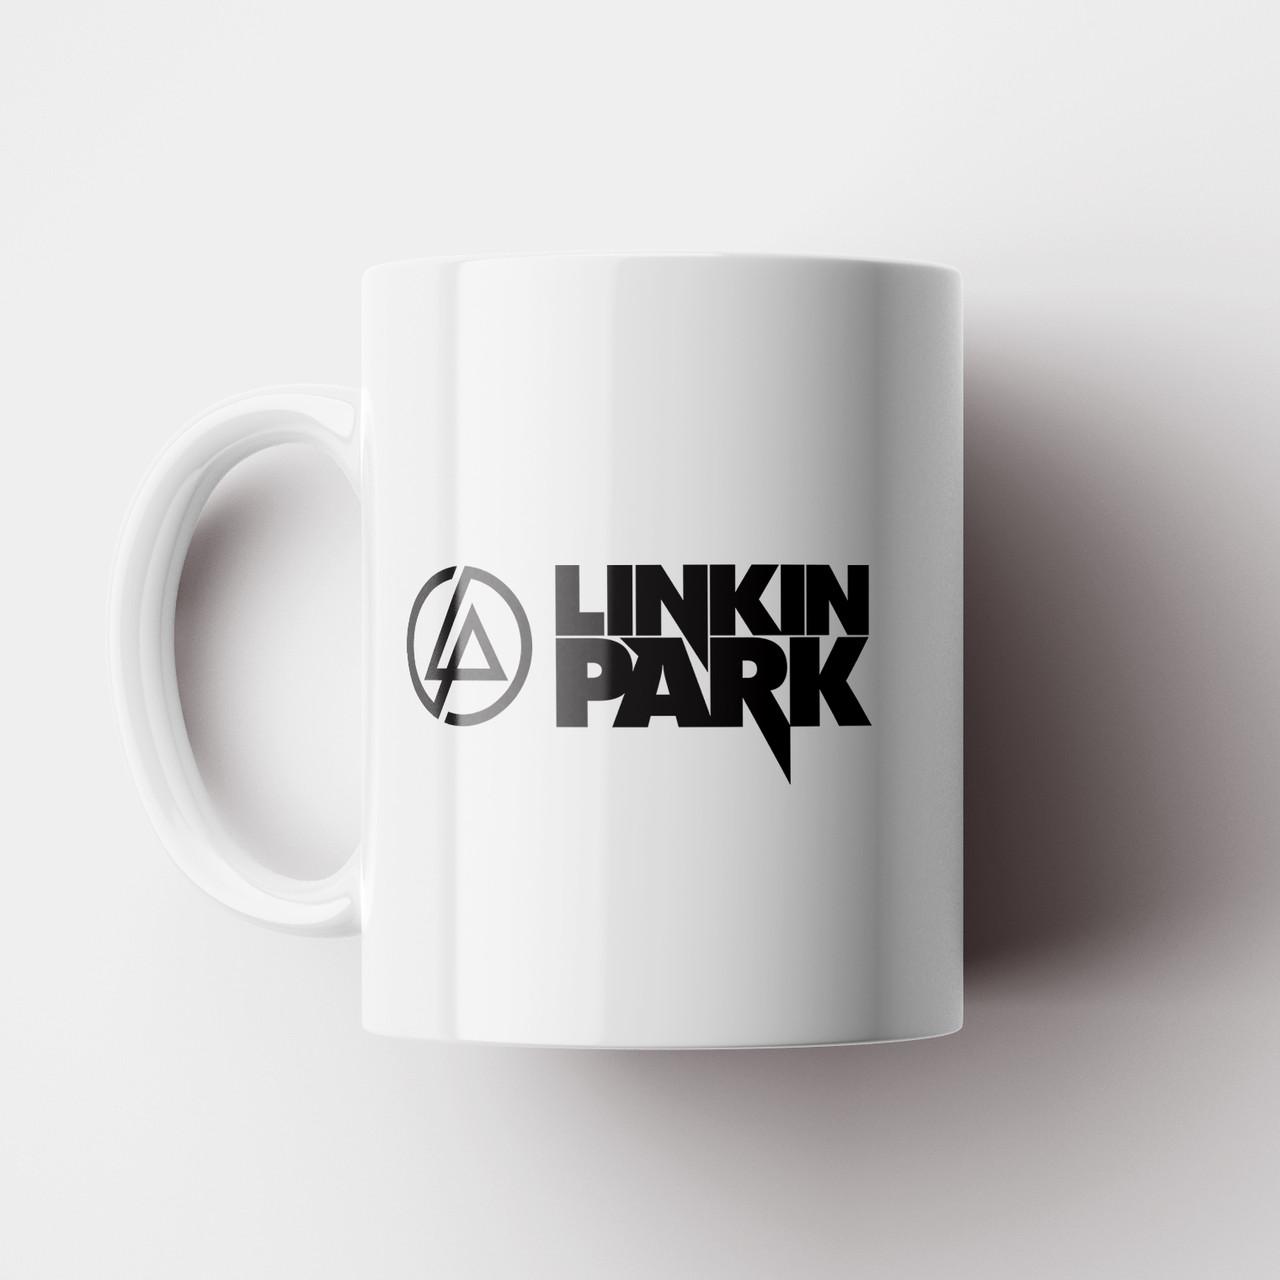 Чашка Linkin Park logo. Рок Музика. Rock. Чашка з фото Лінкін Парк